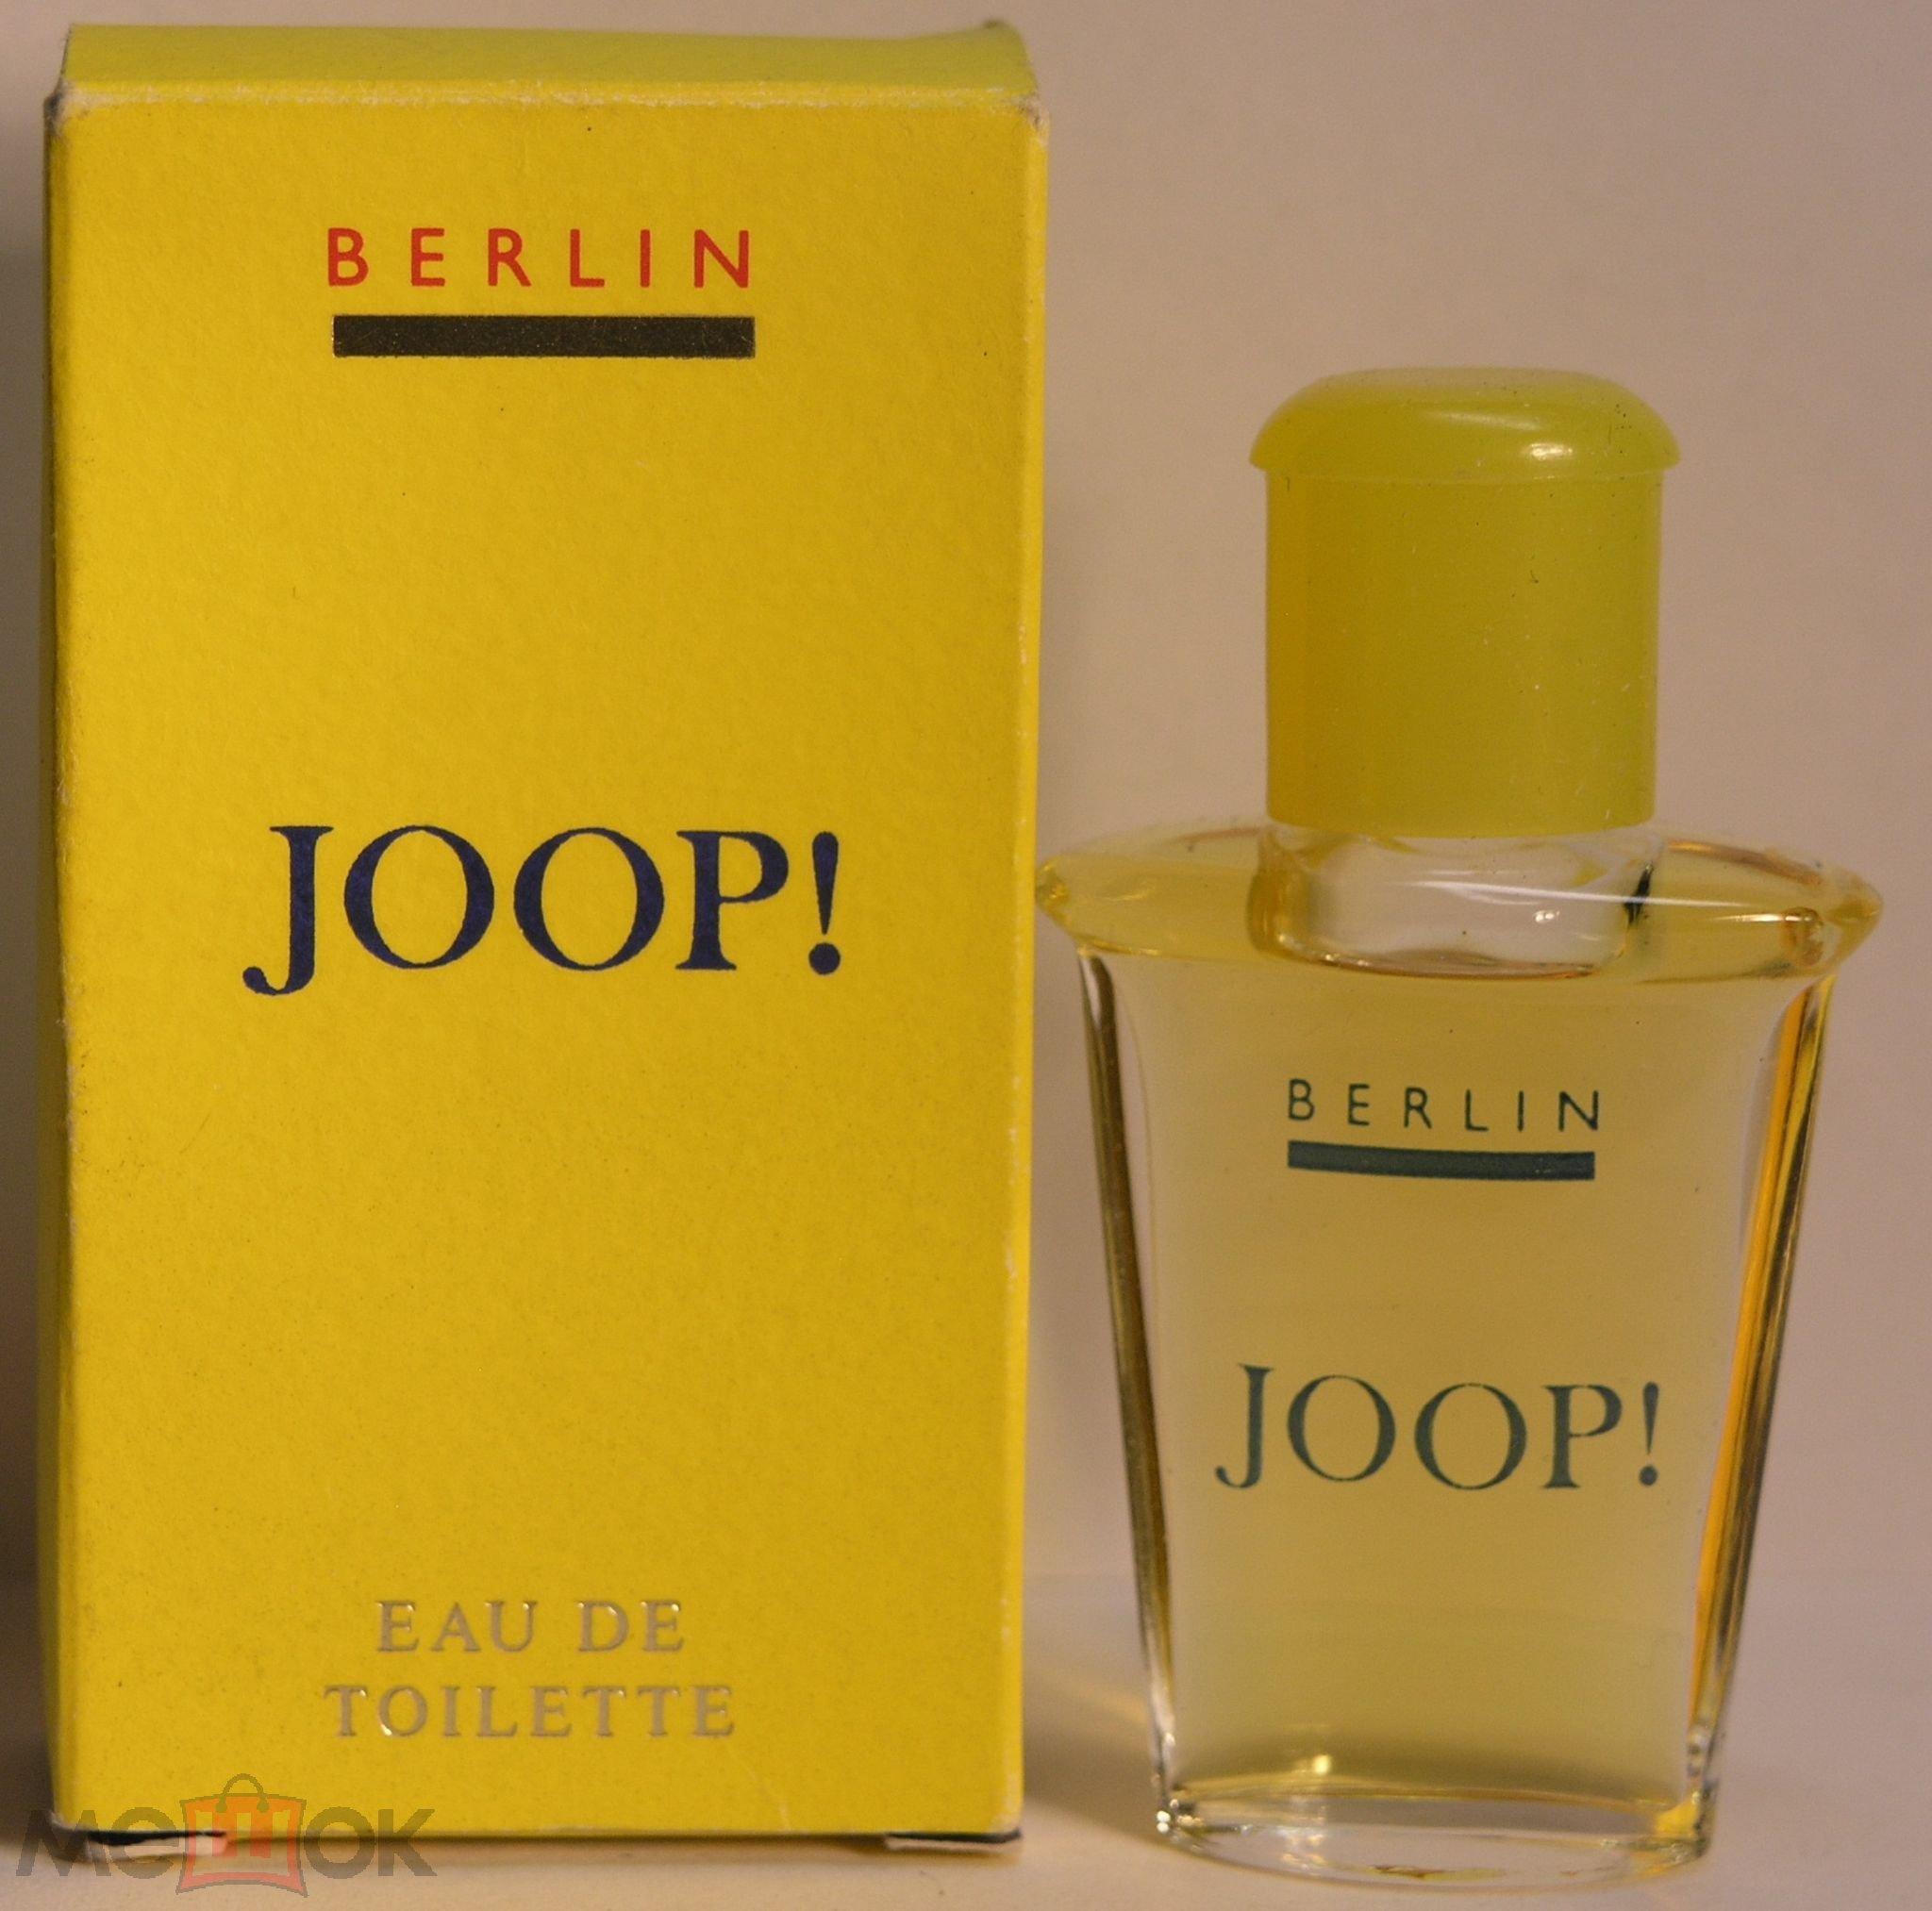 beliebte Geschäfte offizieller Laden Farbbrillanz Joop!, Joop Berlin 5 мл едт винтаж немецкая парфюмерия отличное качество!